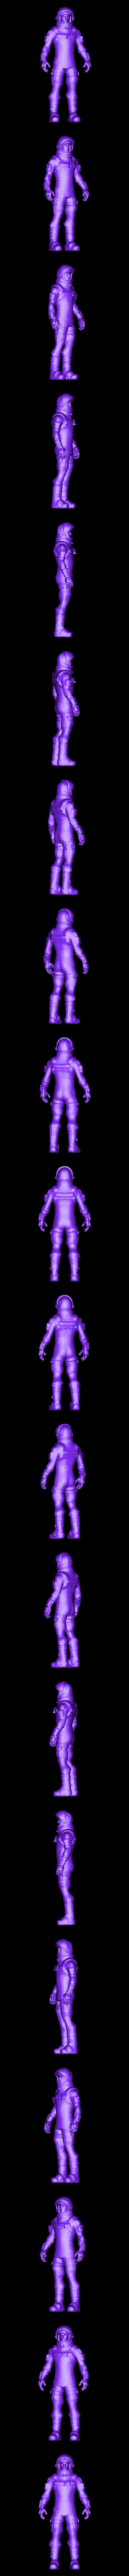 Dark Voyager Fortnite.stl Télécharger fichier STL gratuit Dark Voyager Fortnite • Plan imprimable en 3D, detaildesigner